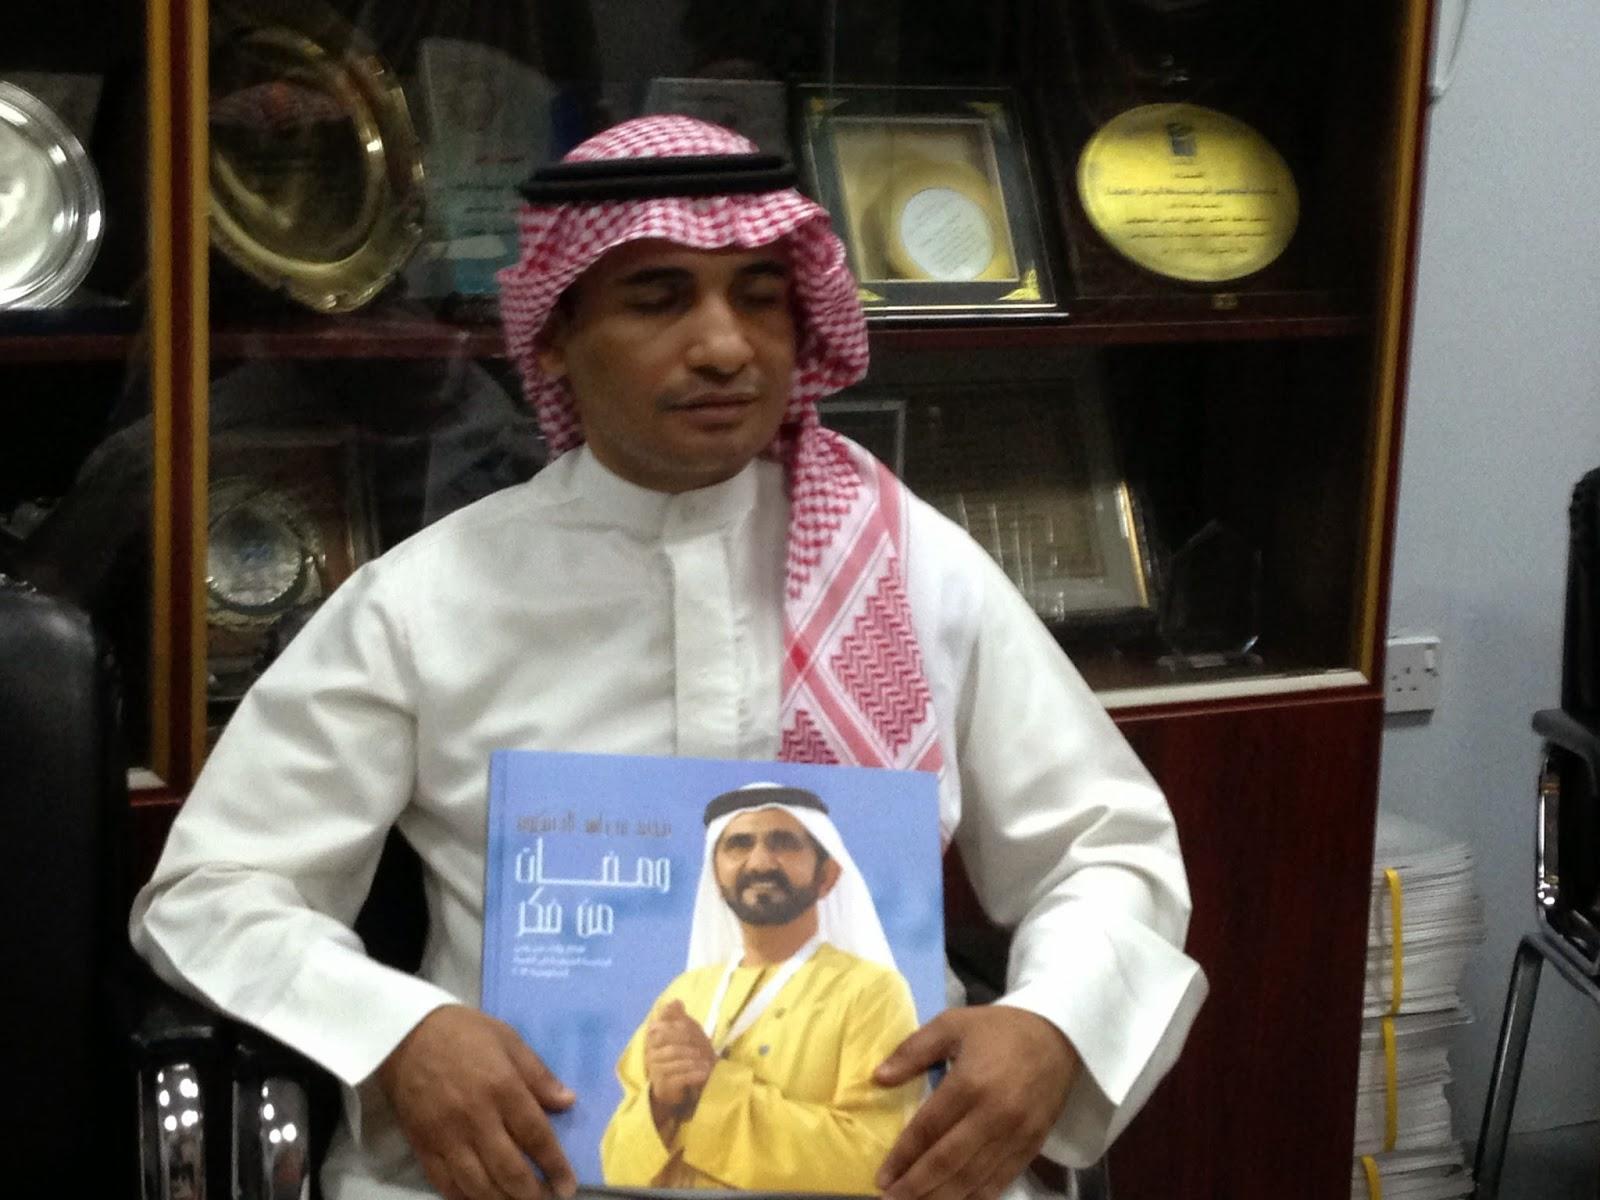 نور دبي توزع اكثر من ألف و100 نسخة من كتاب ومضات من فكر في البحرين والكويت